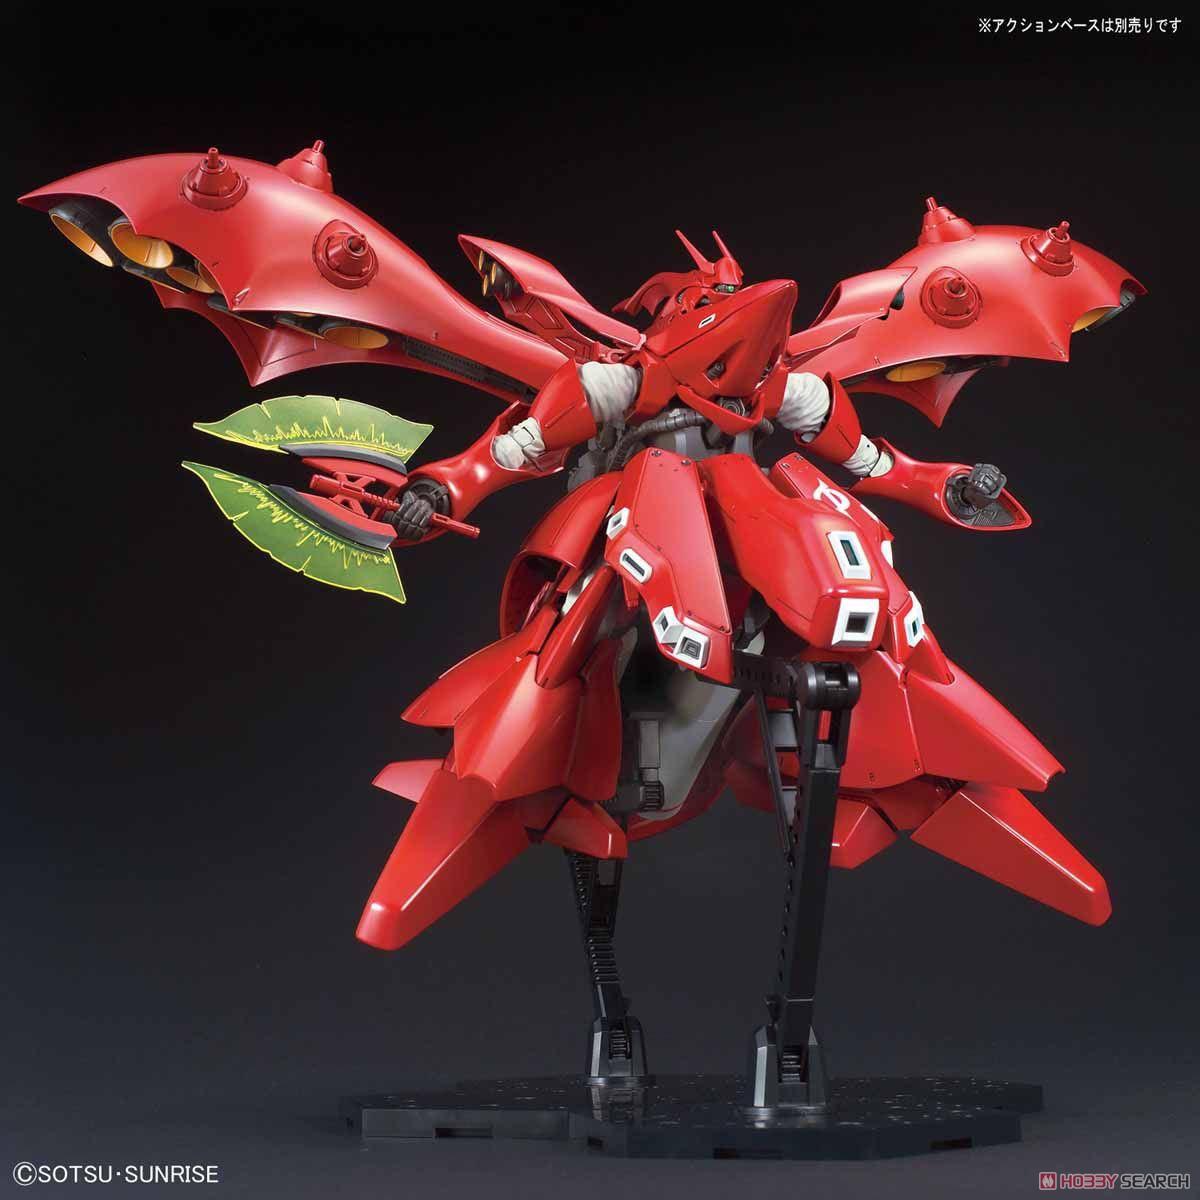 【再販】HG 1/144『ナイチンゲール』逆襲のシャア プラモデル-008